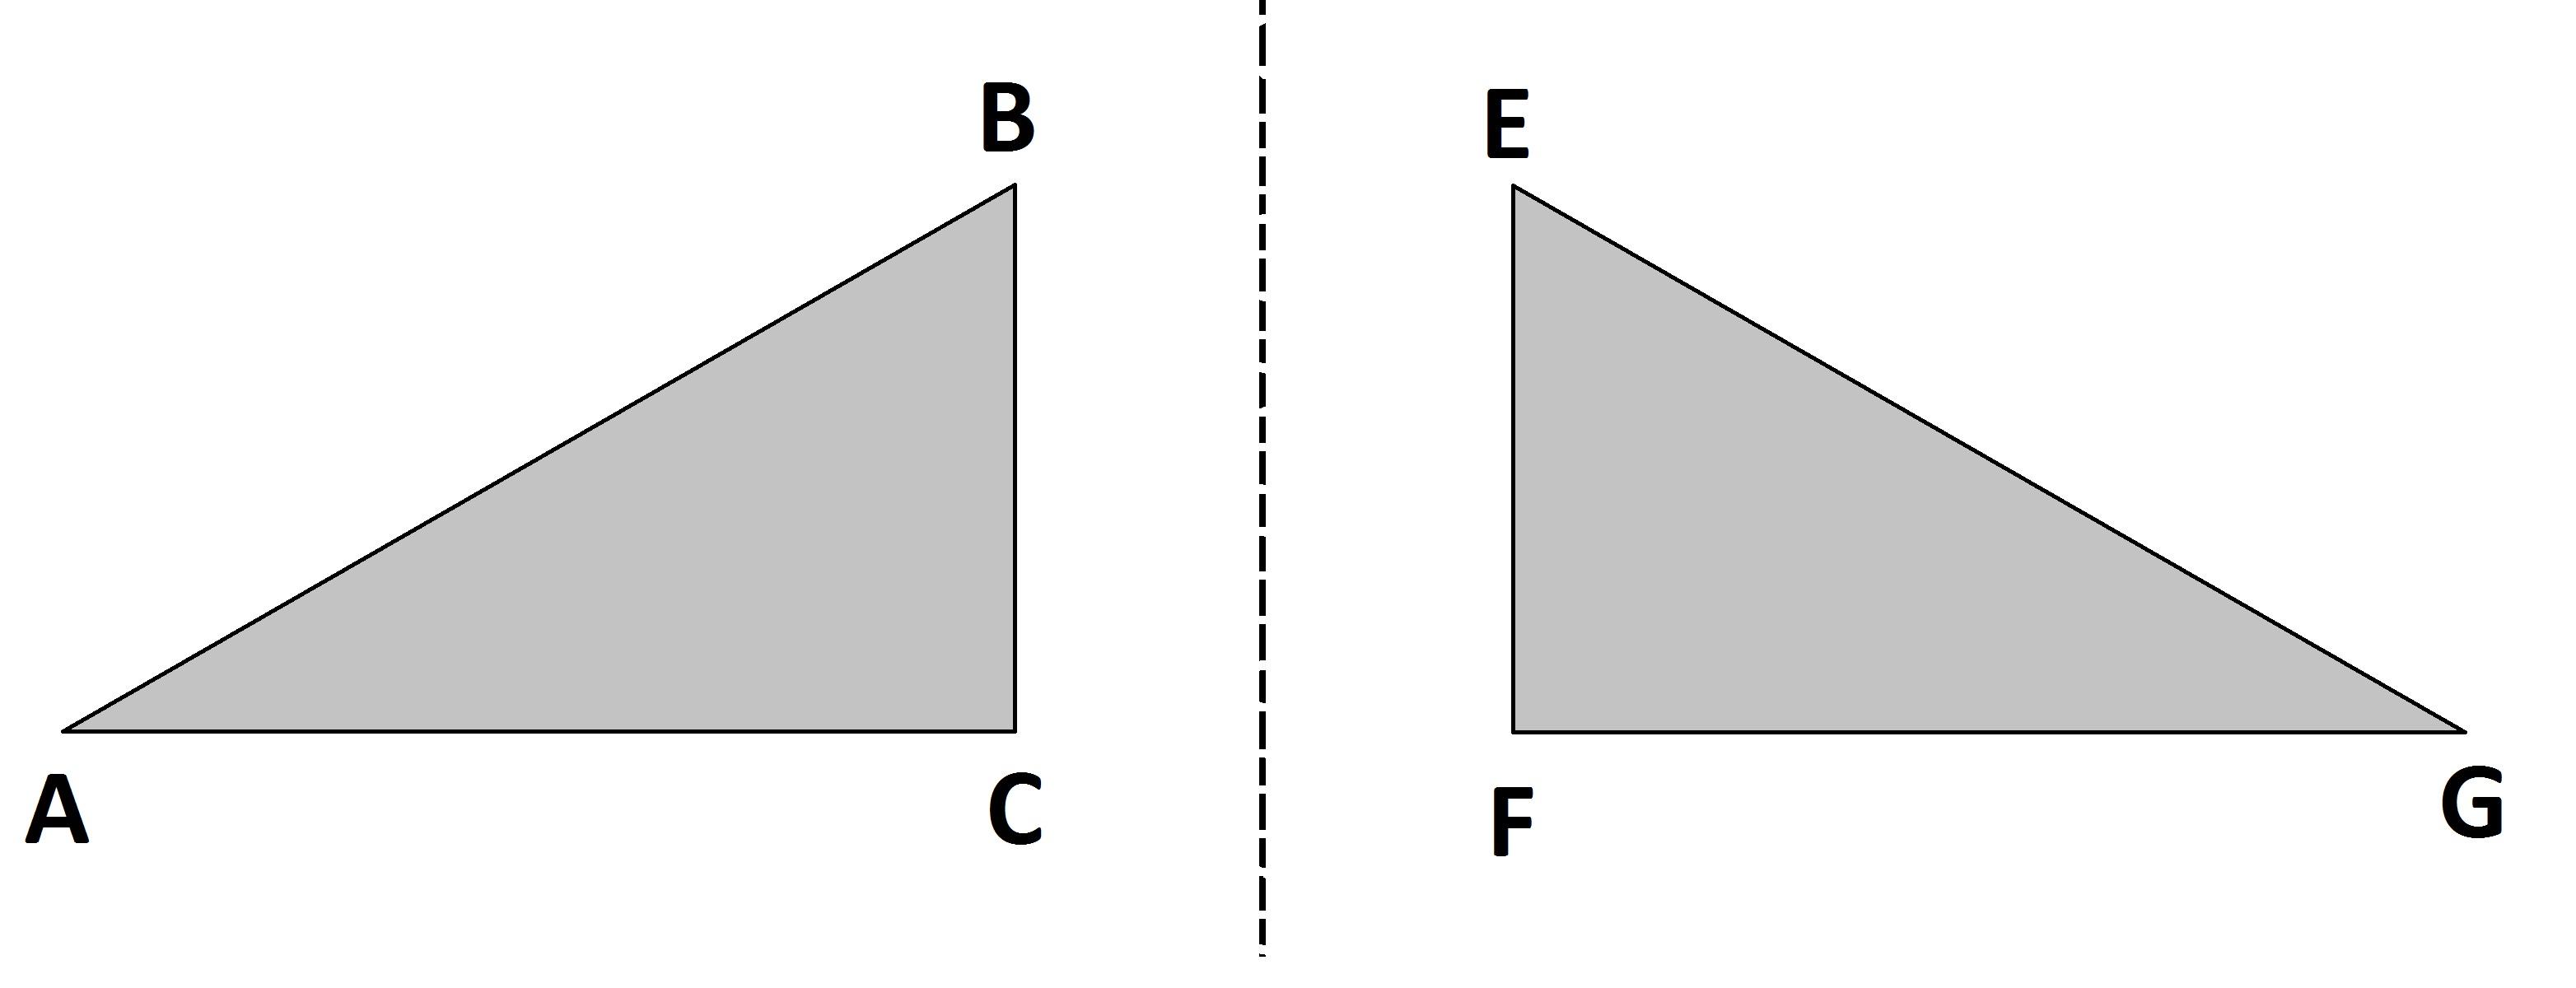 حالت های هم نهشتی مثلث ها - درس در خانه